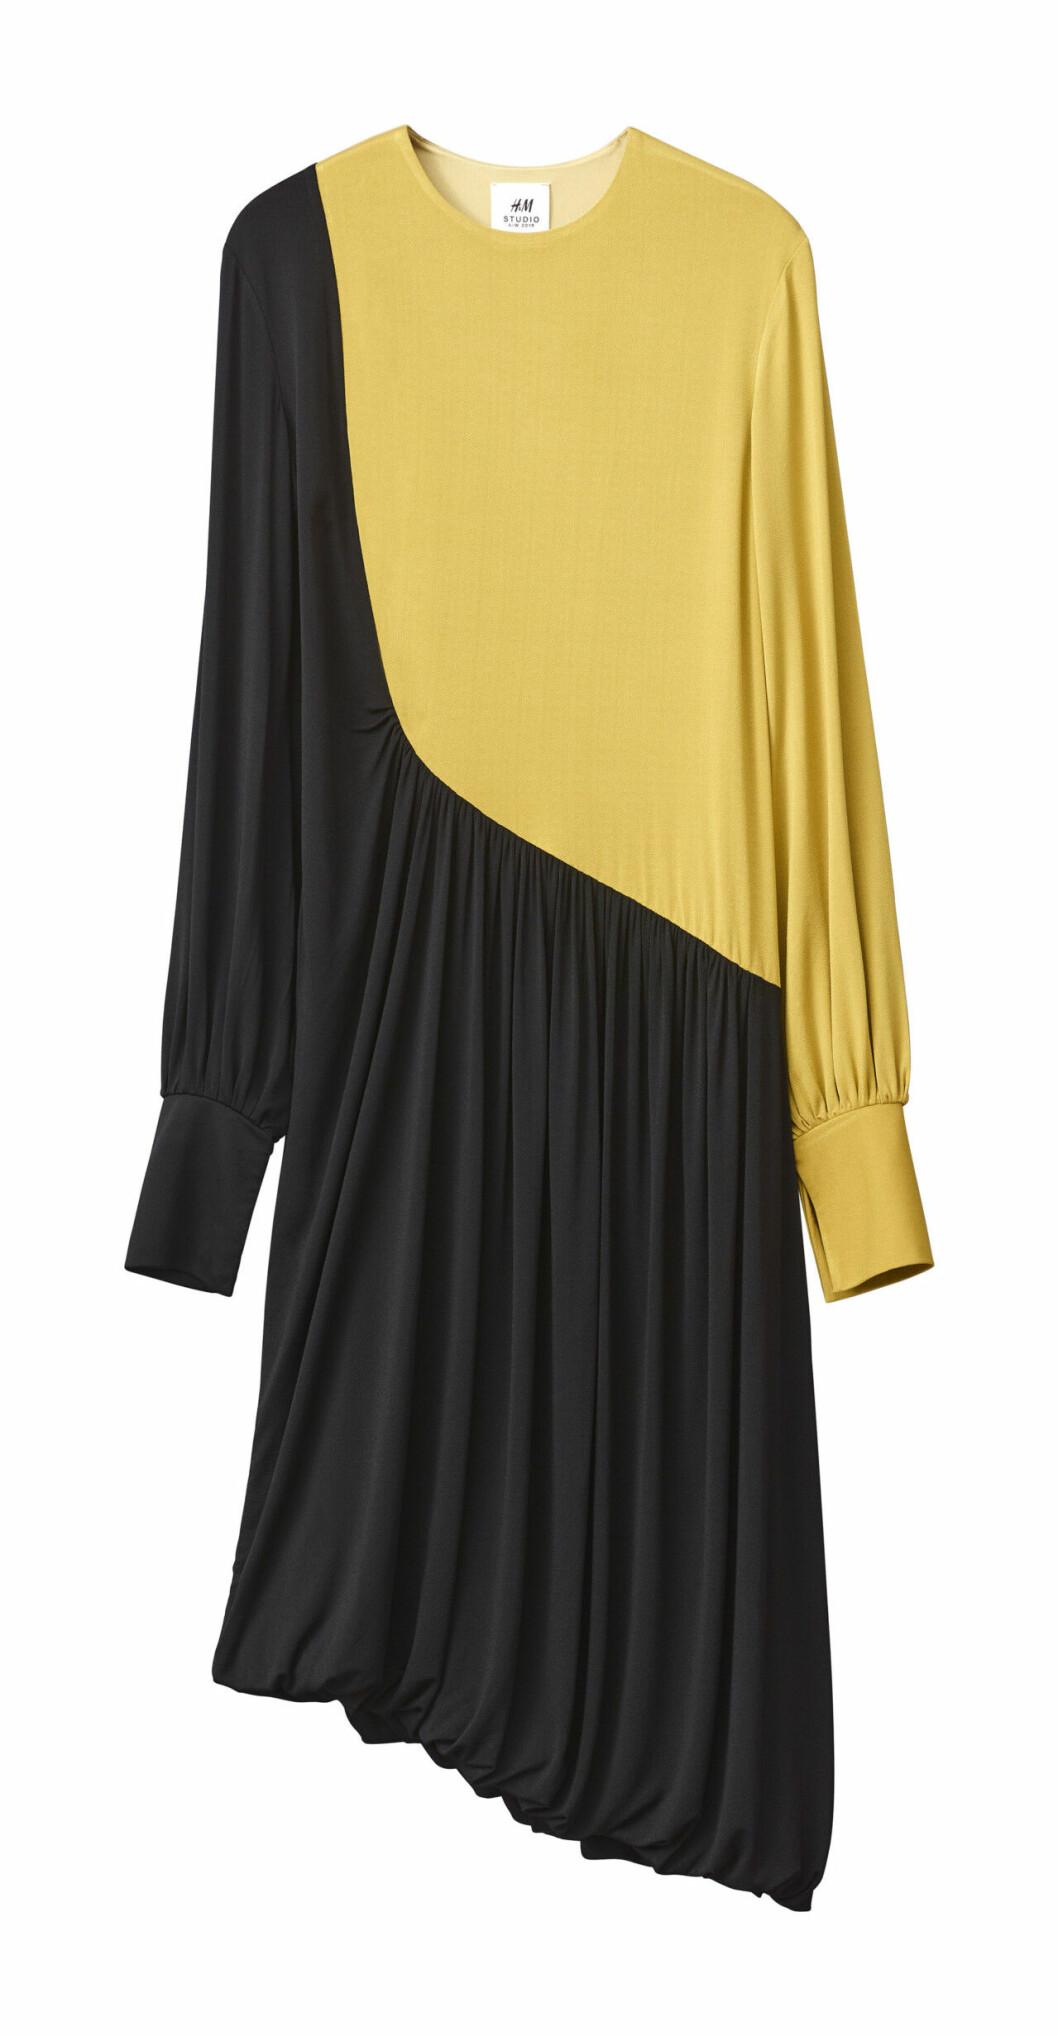 H&M Studio höstkollektion aw 2019 – gul och svart klänning